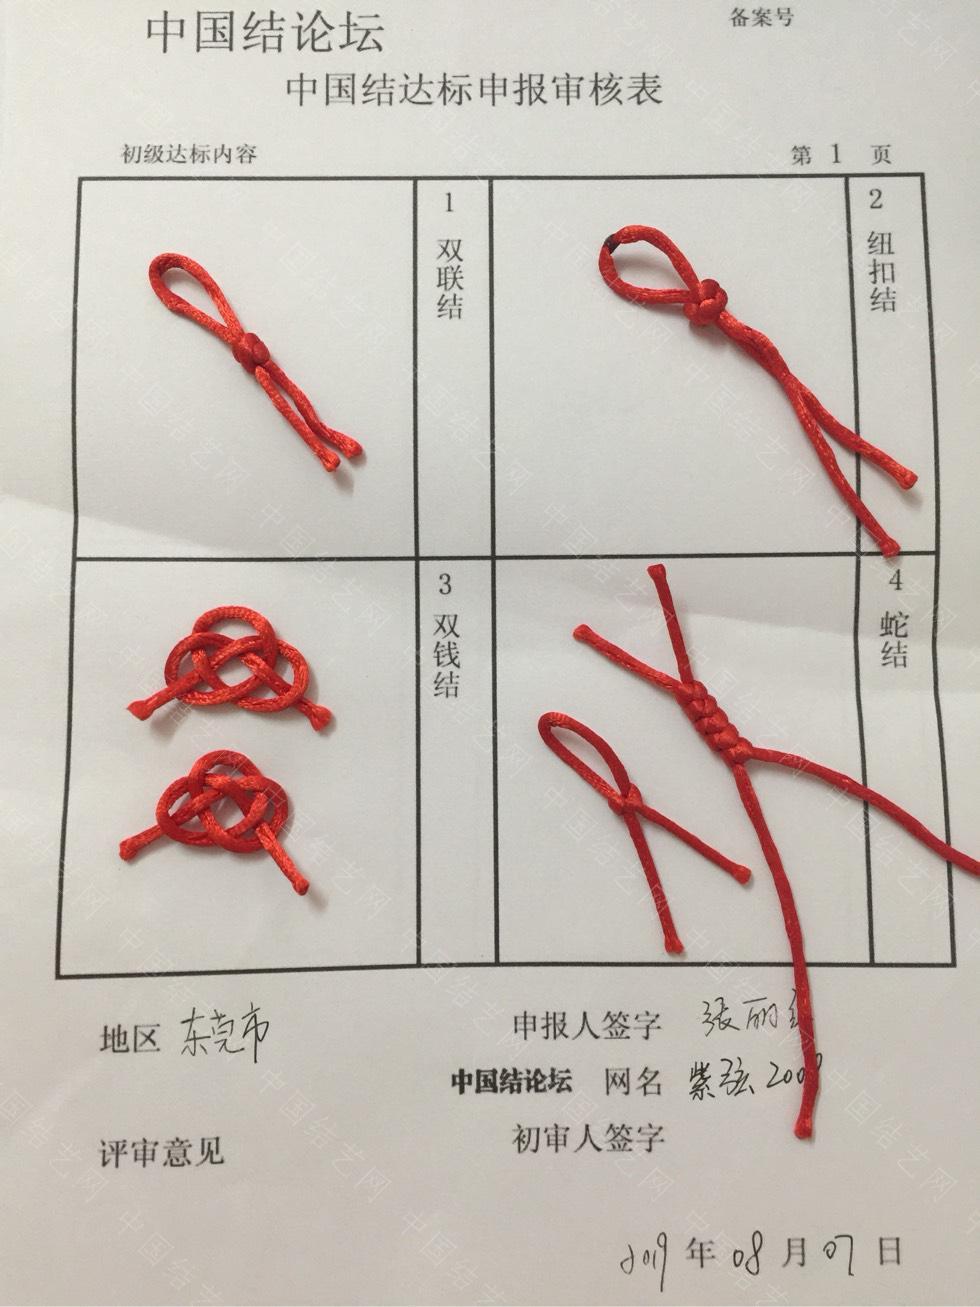 中国结论坛 紫弦2008--初级达标申请稿件 紫袖红弦是什么意思,自备稿件《我》,蓬莱间紫弦插曲,安全小稿件 中国绳结艺术分级达标审核 004514yzh2rv9fp09jhh6j